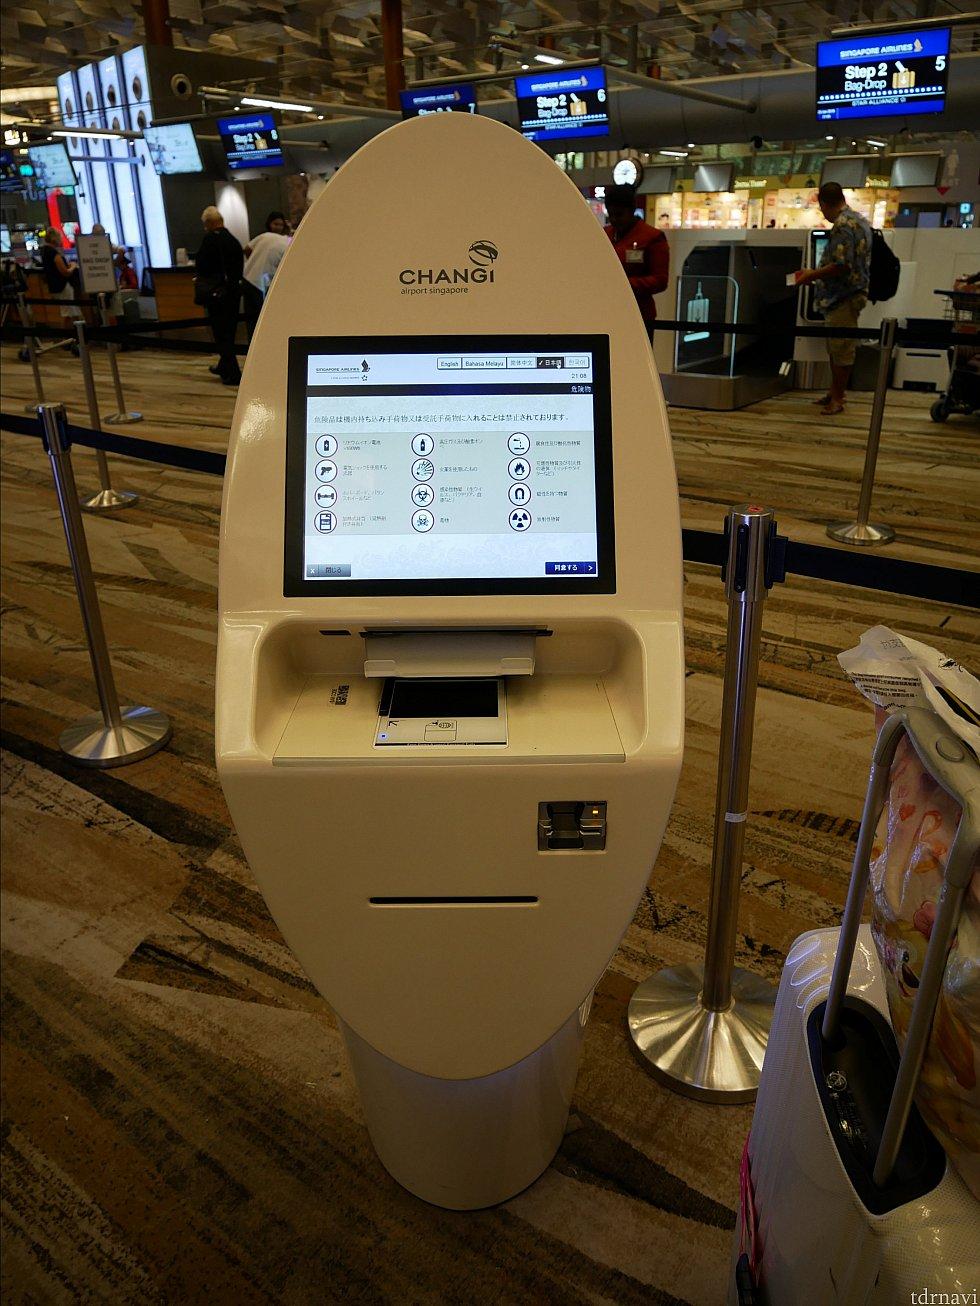 【復路】チャンギ国際空港でチェックイン用の端末です。 ここで荷物に付けるシールと搭乗券を発券します。 係のかたがいて、荷物のシール貼りをサッとやってくれました。